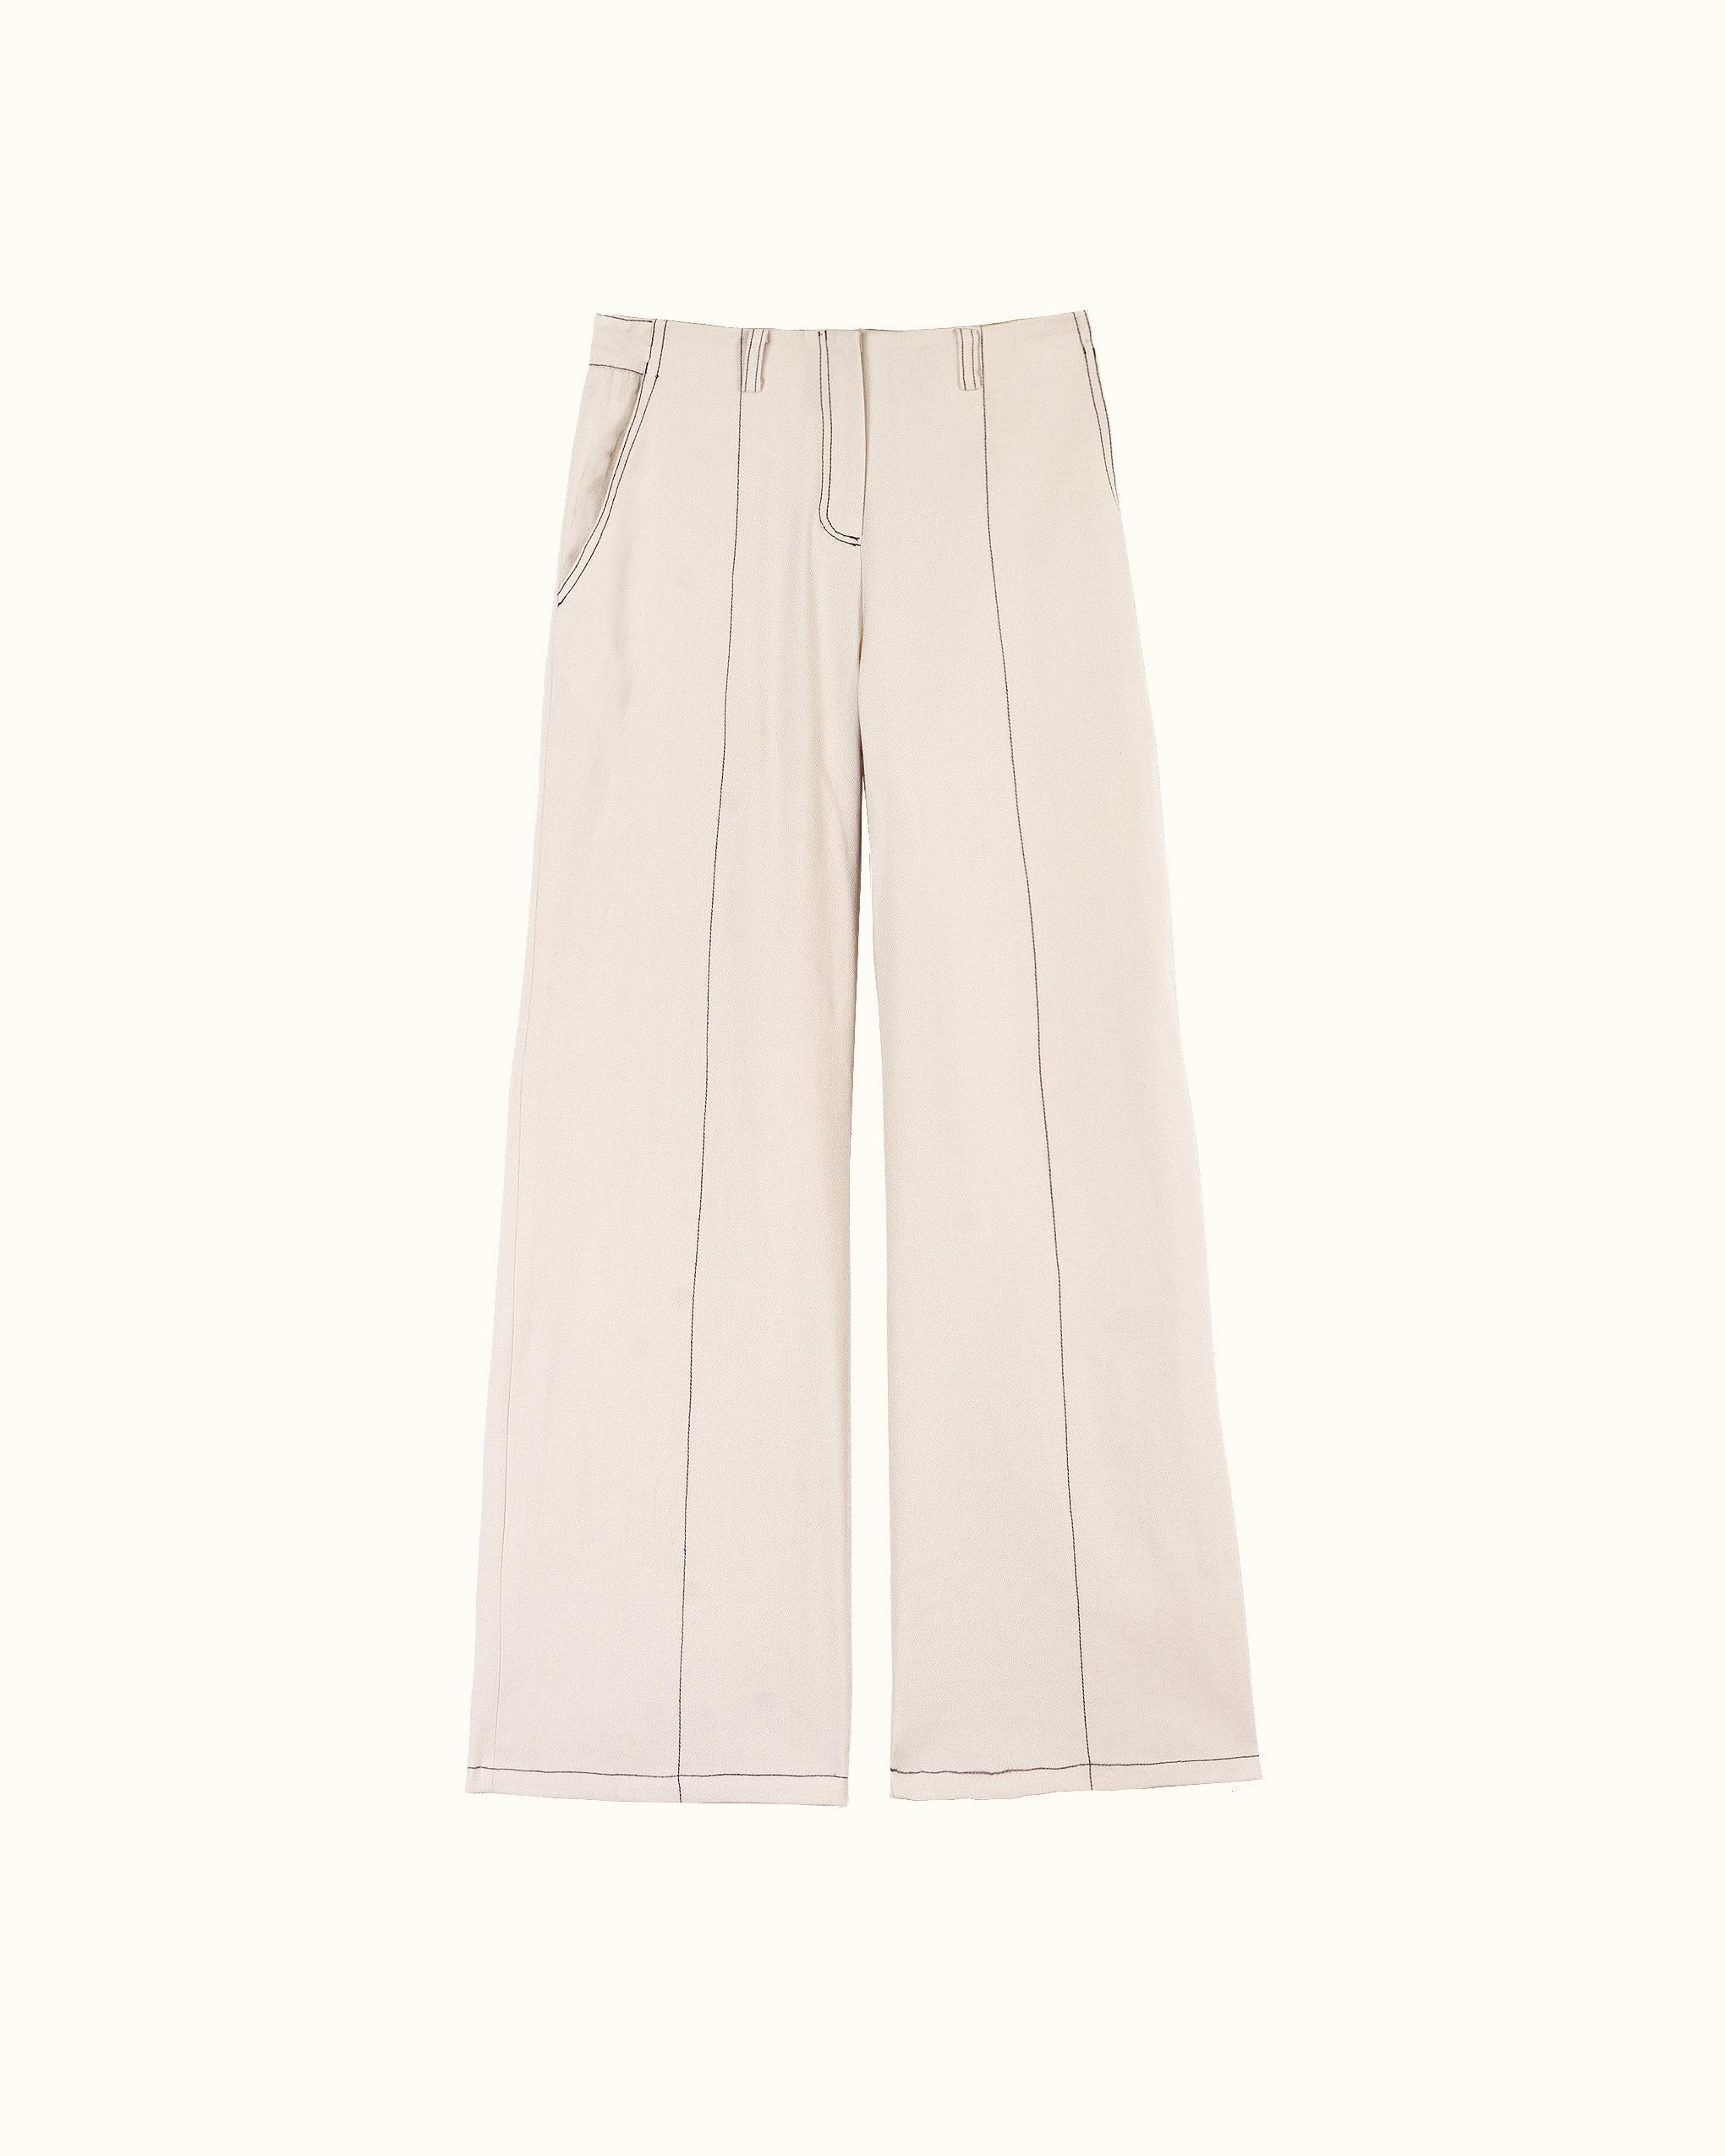 A contrast stitch cream trousers.